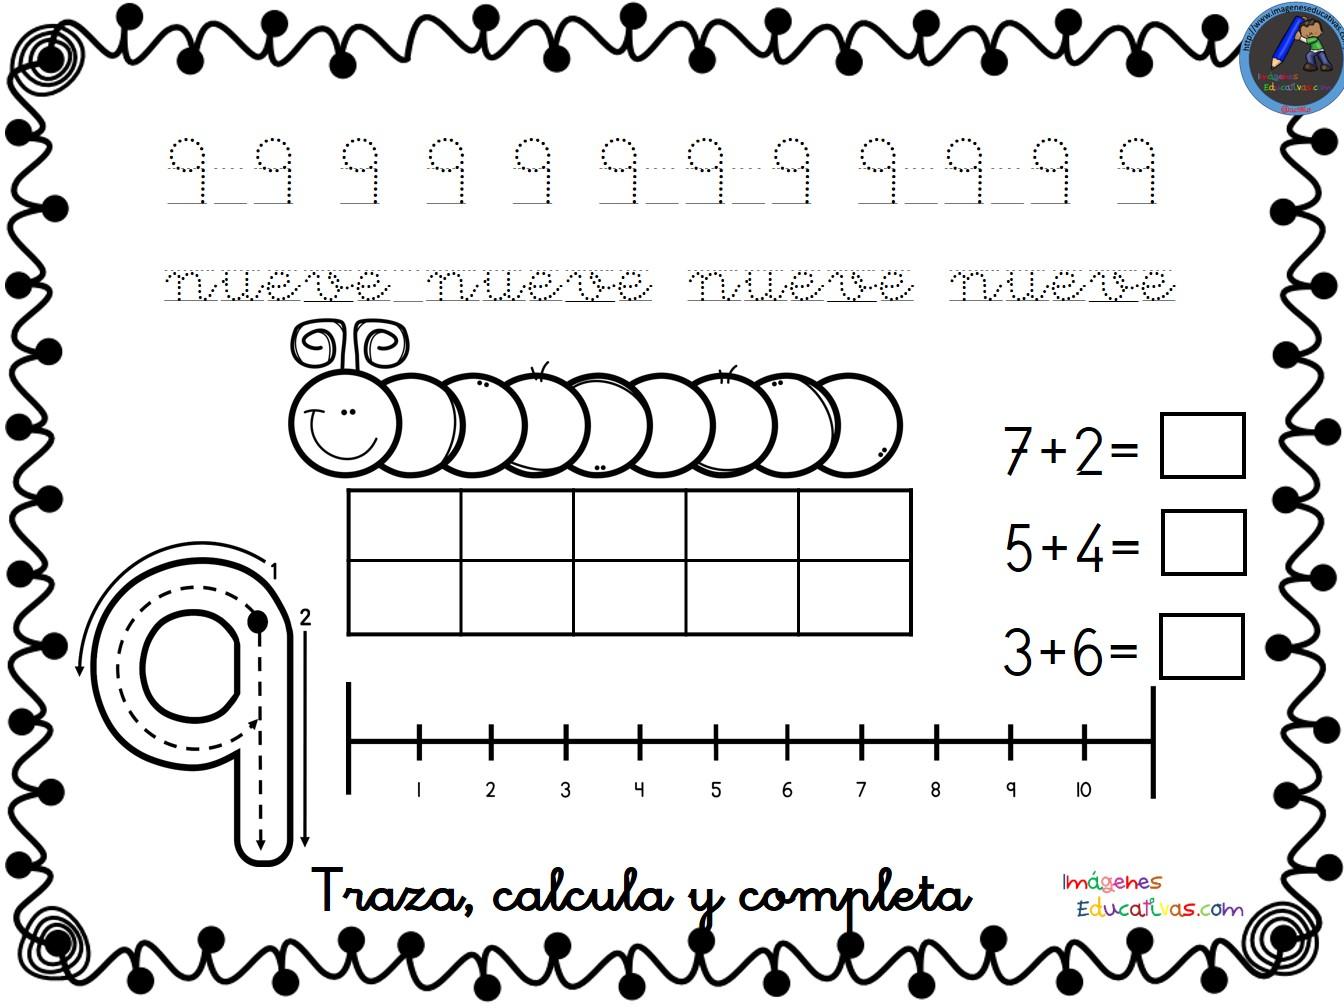 Fichas para trabajar los números del 1 al 30 -Orientacion Andujar